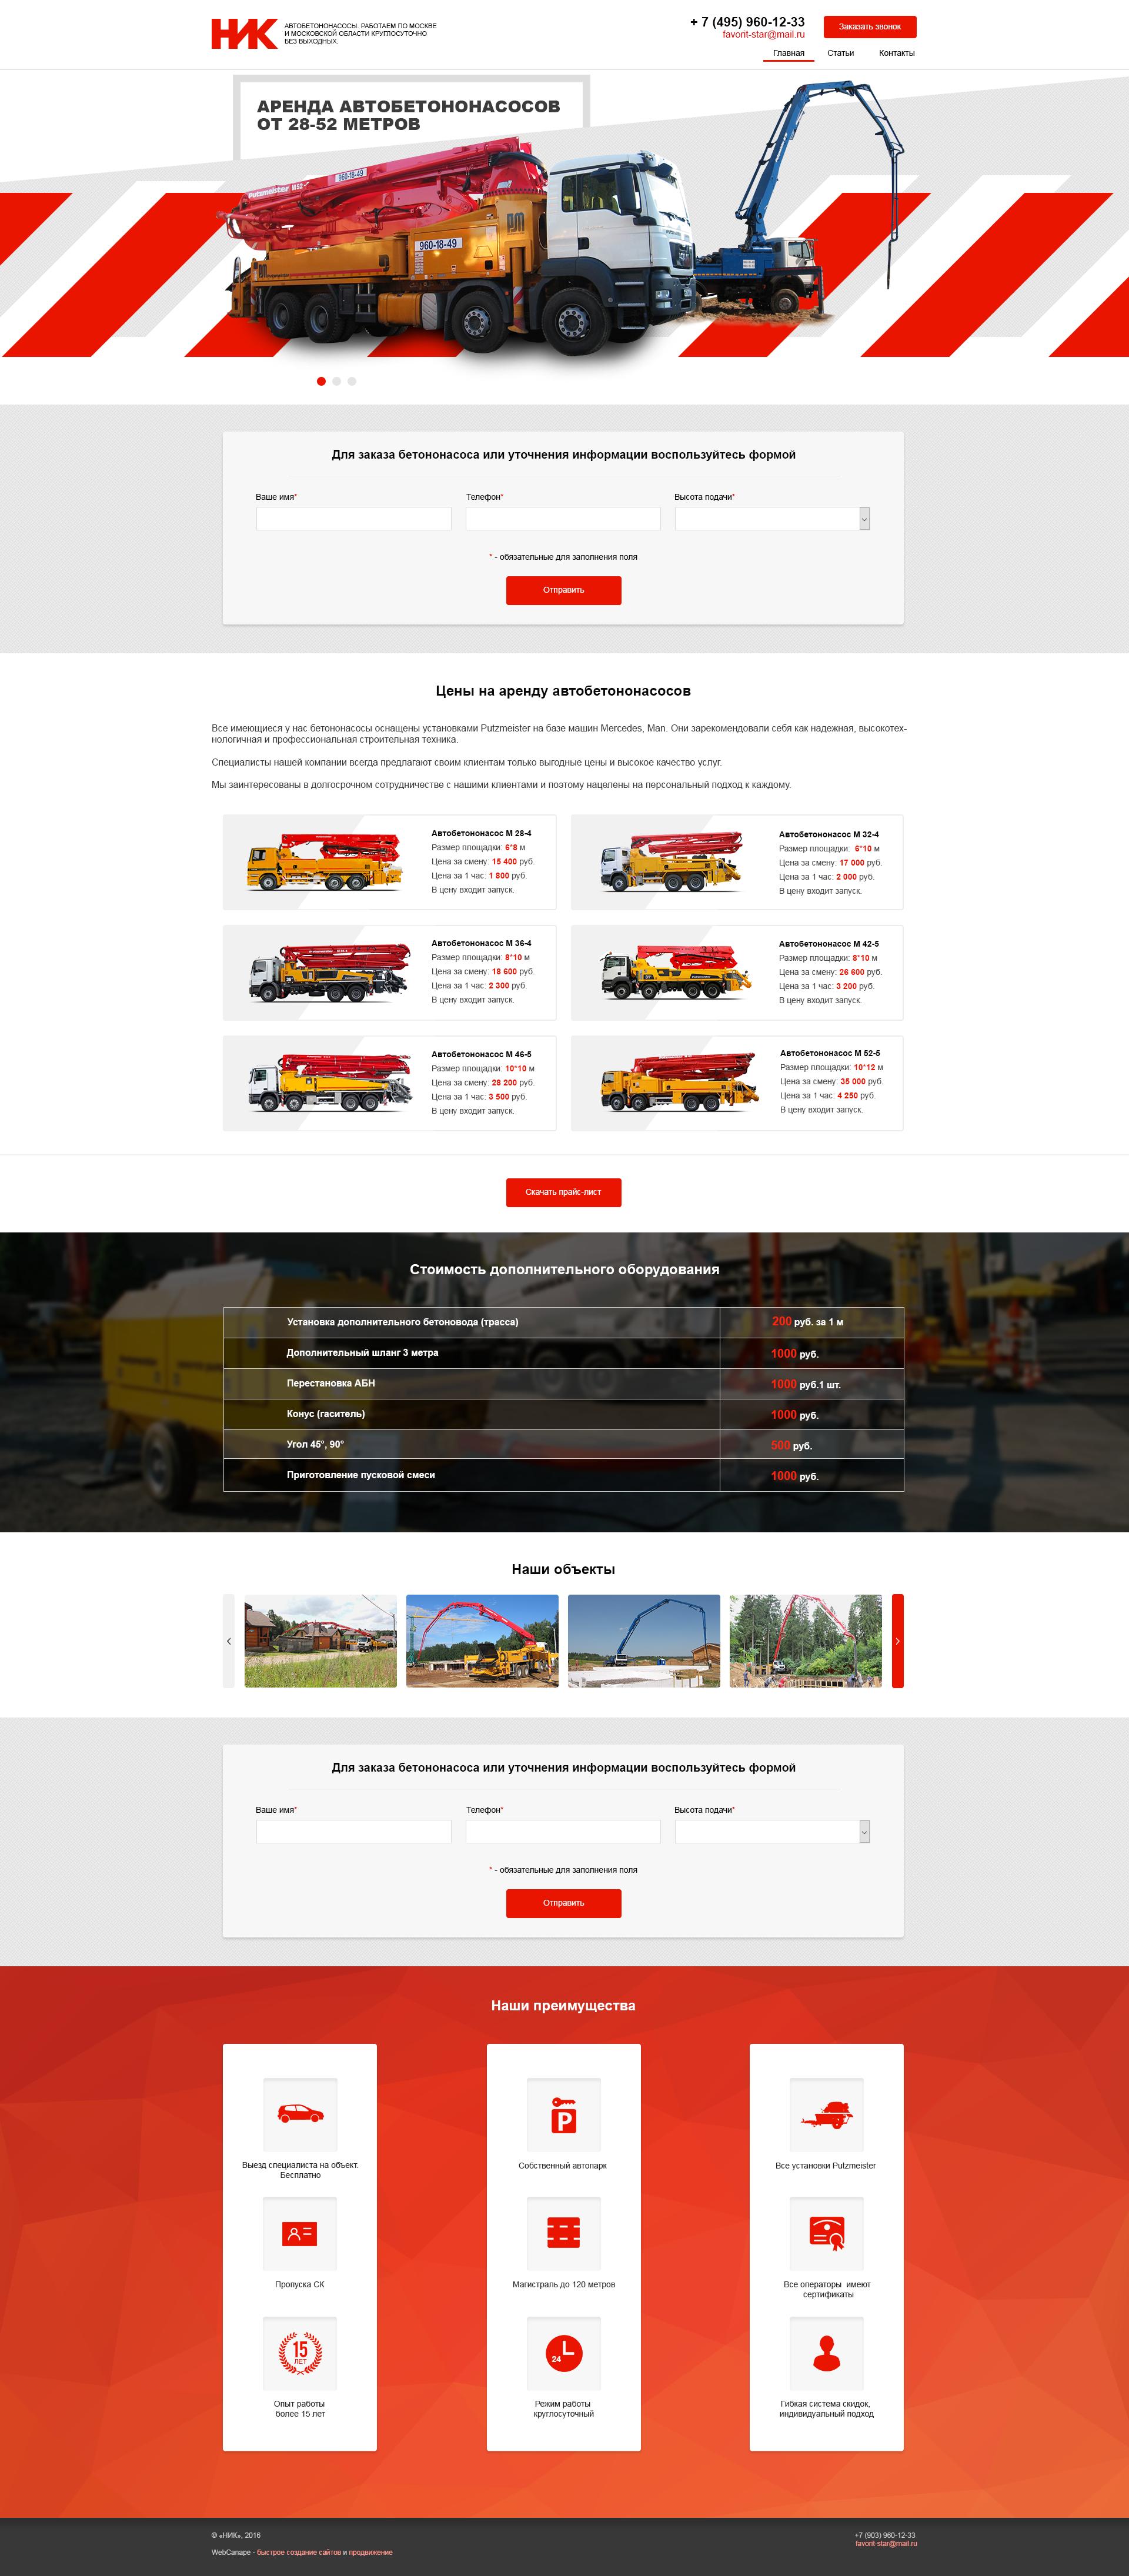 Сайт фирмы по аренде автобетононасосов